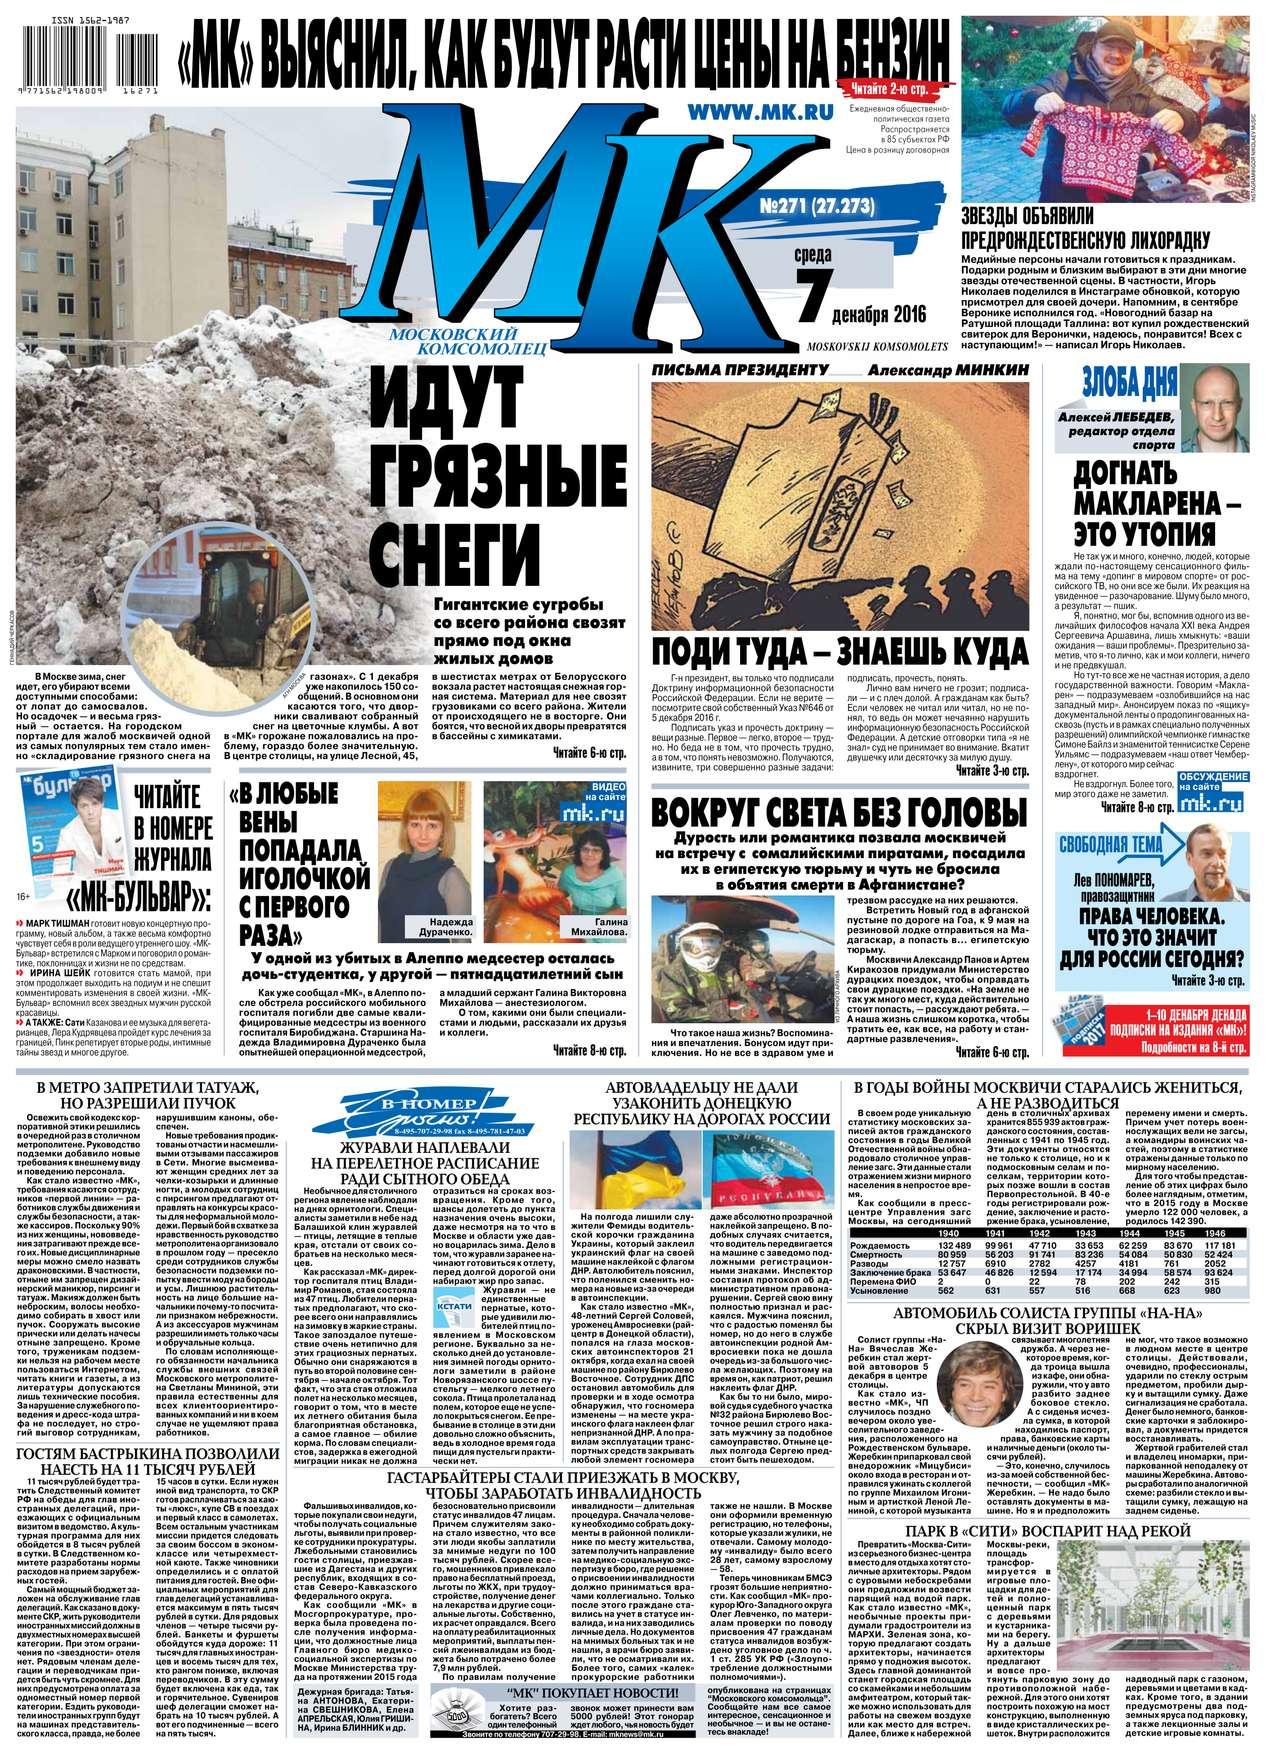 Редакция газеты MK Moskovskii Komsomolets МК Московский комсомолец 271-2016 илья деревянко кащеева могила